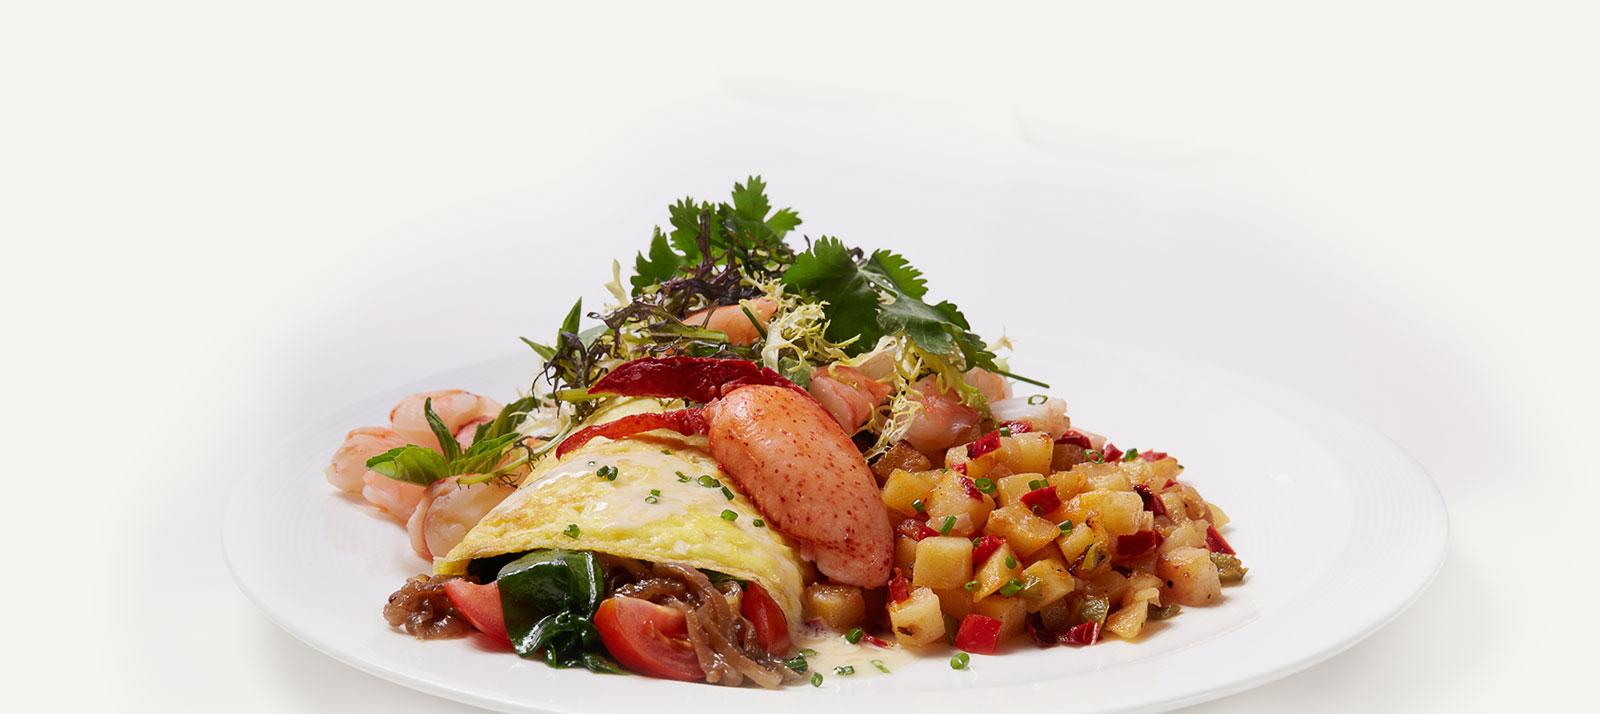 Lobster & Shrimp Omelet